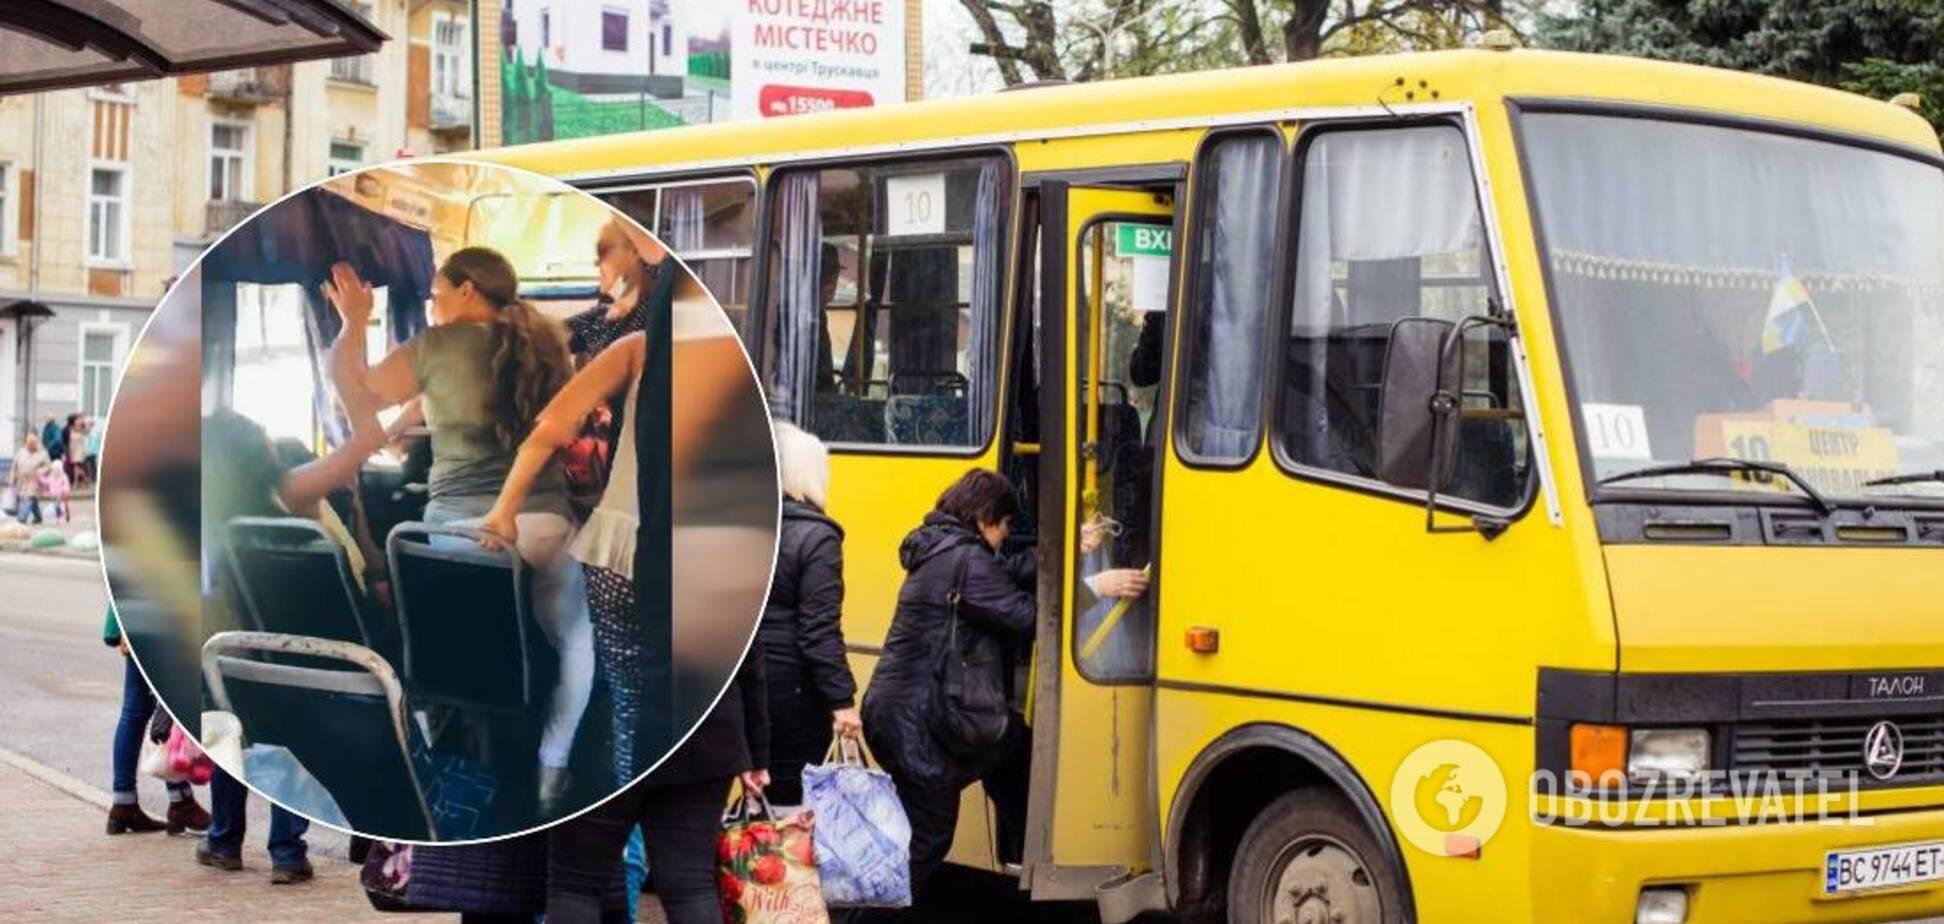 В Днепре мужчина с пенсионерками жестоко избили девушку в маршрутке. Видео